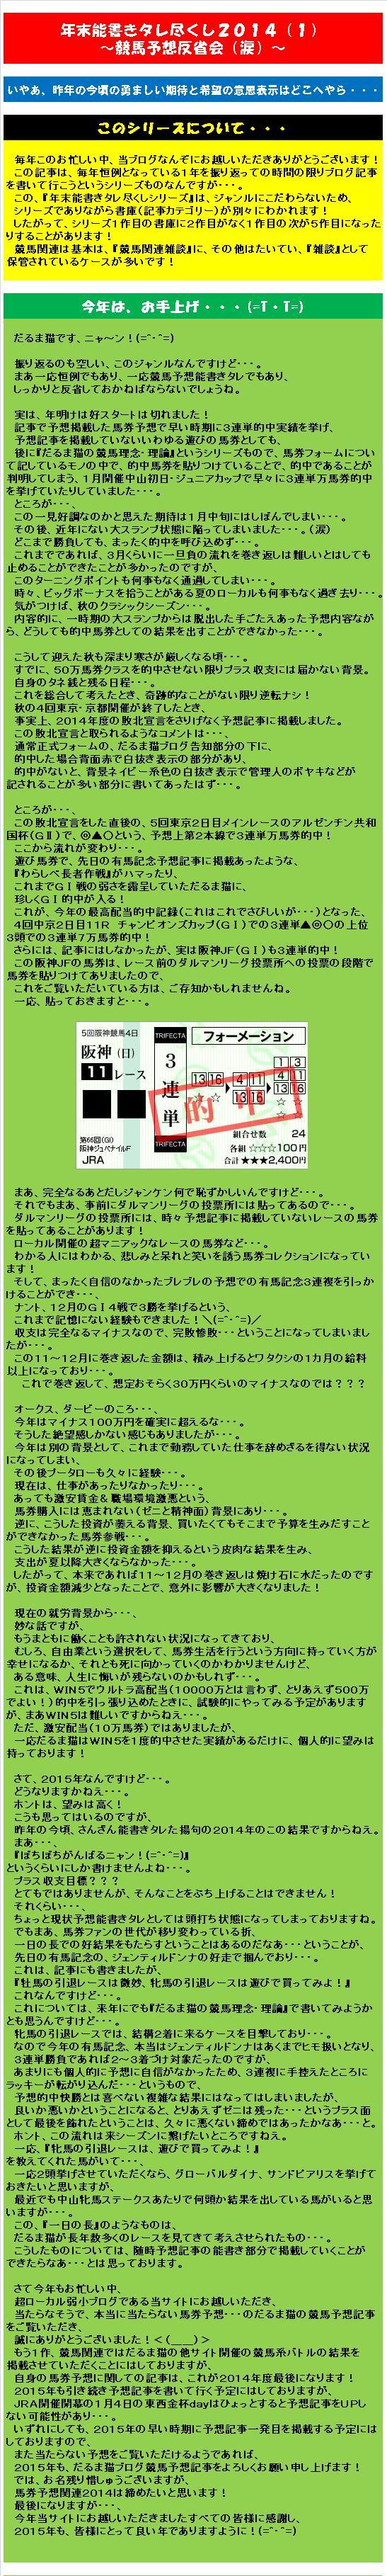 20141231・年末能書きタレ尽くし(1).jpg